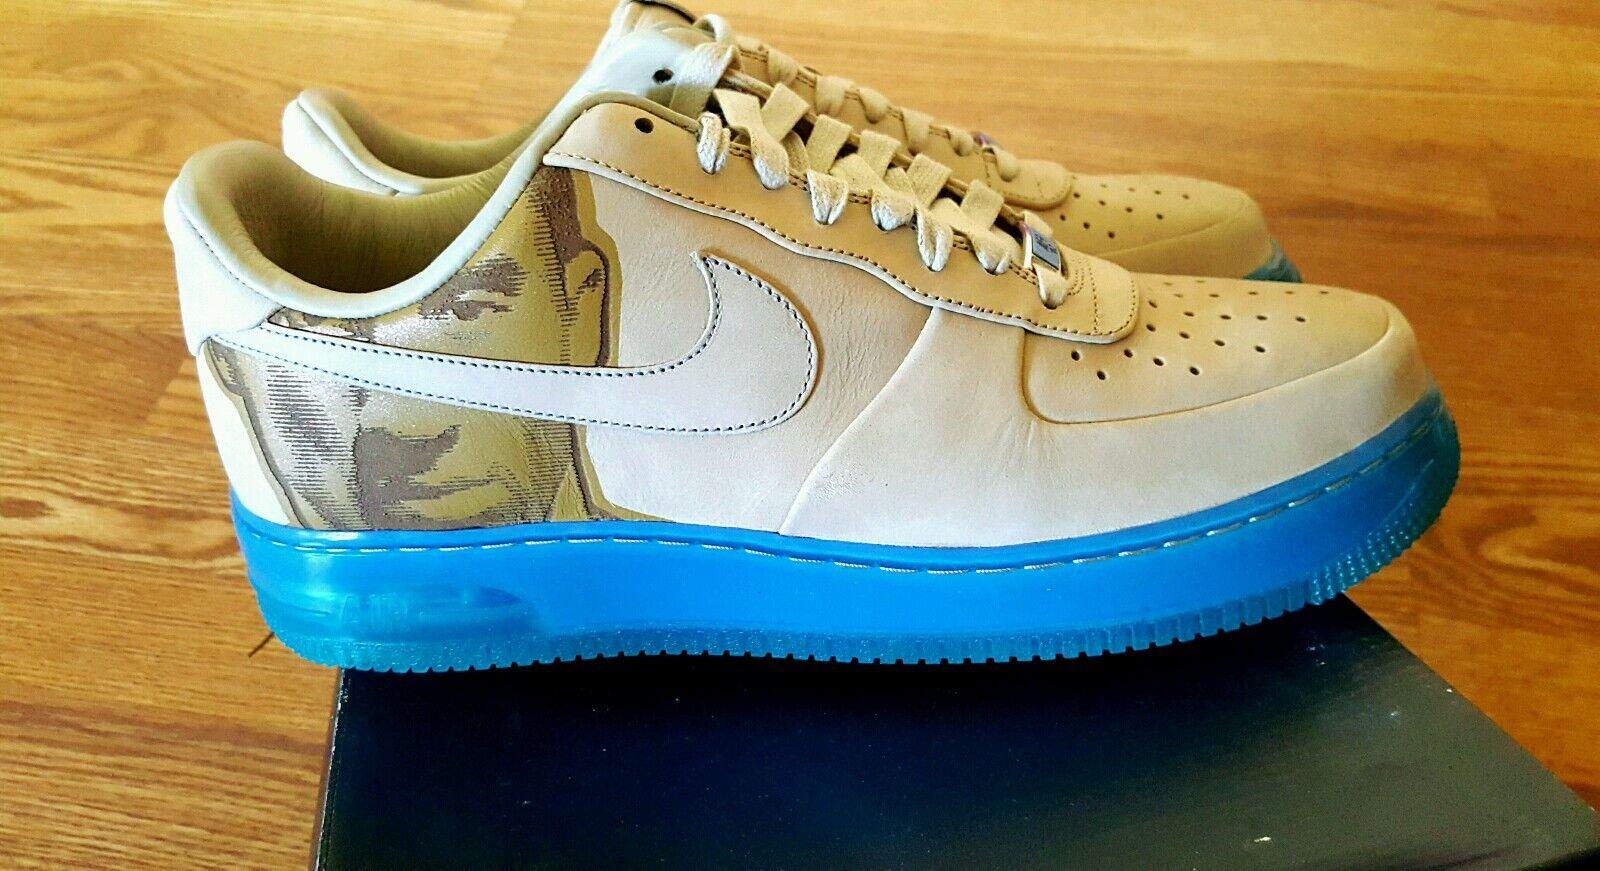 Nike Air Force Air 1 Supreme 07 Max Air Force Kb Kobe Bryant / reducción de precio comodo y atractivo 8ee012